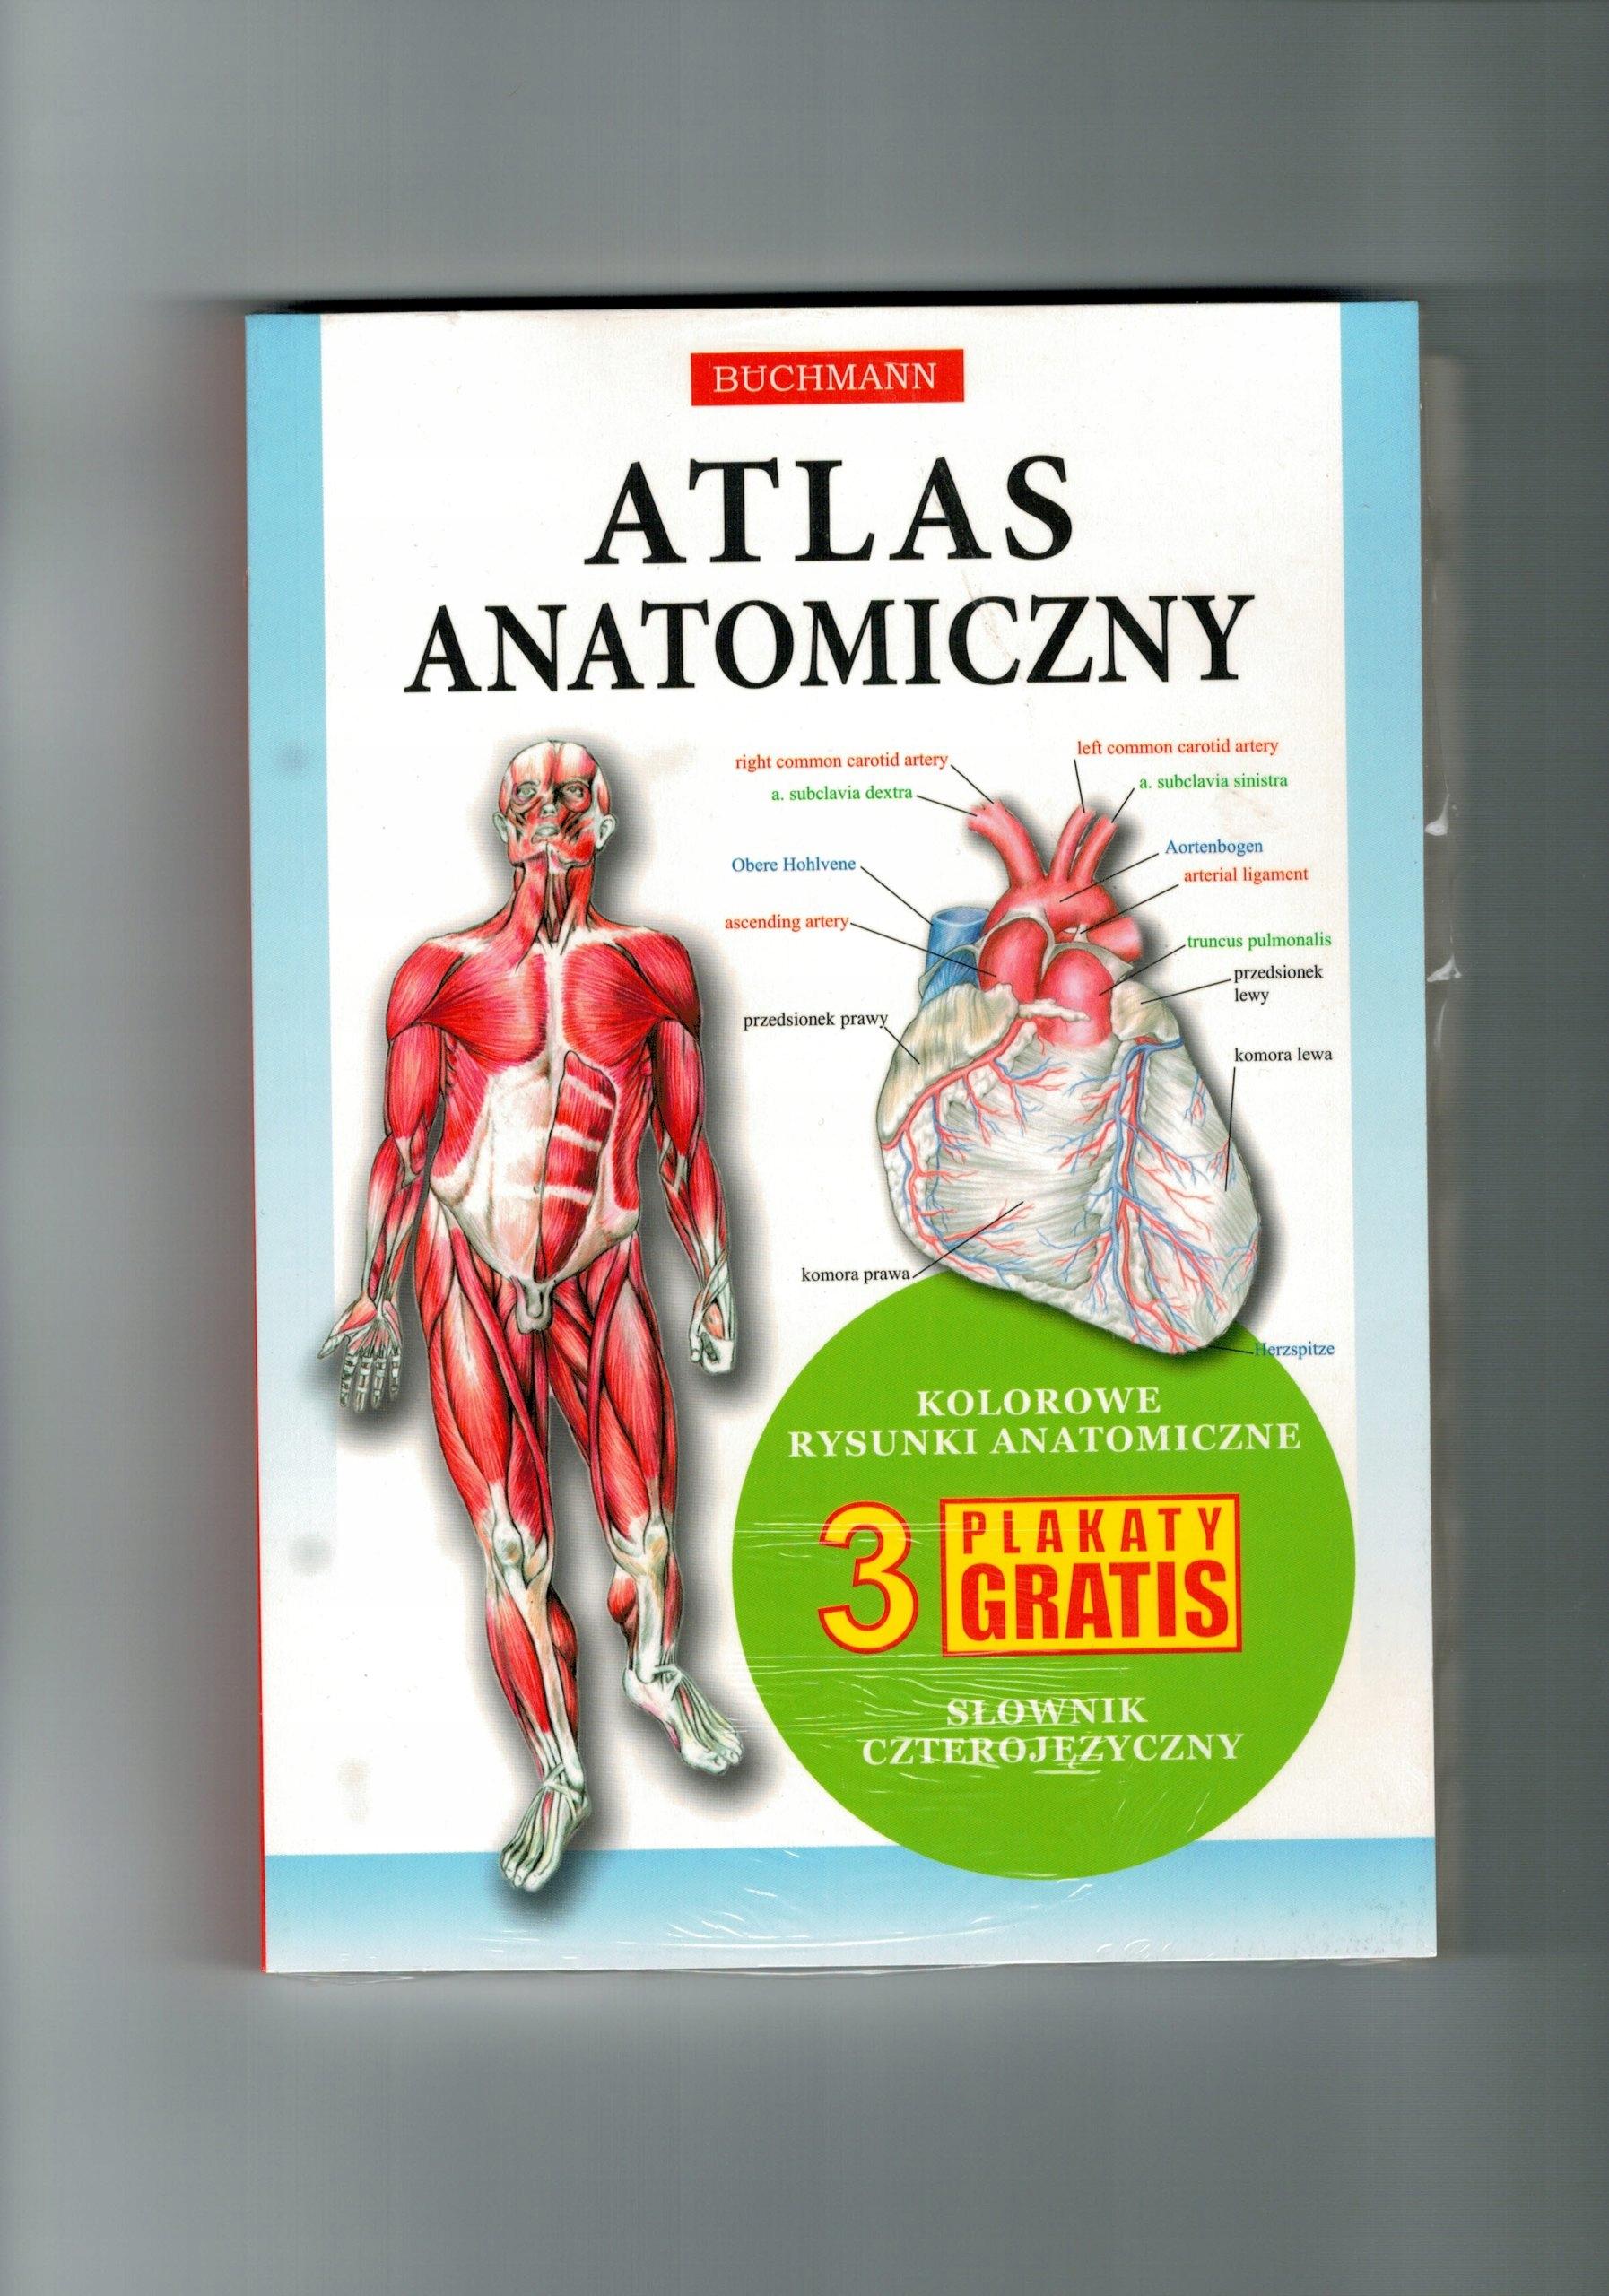 Atlas Anatomiczny3 Plakaty Buchmann 7120212423